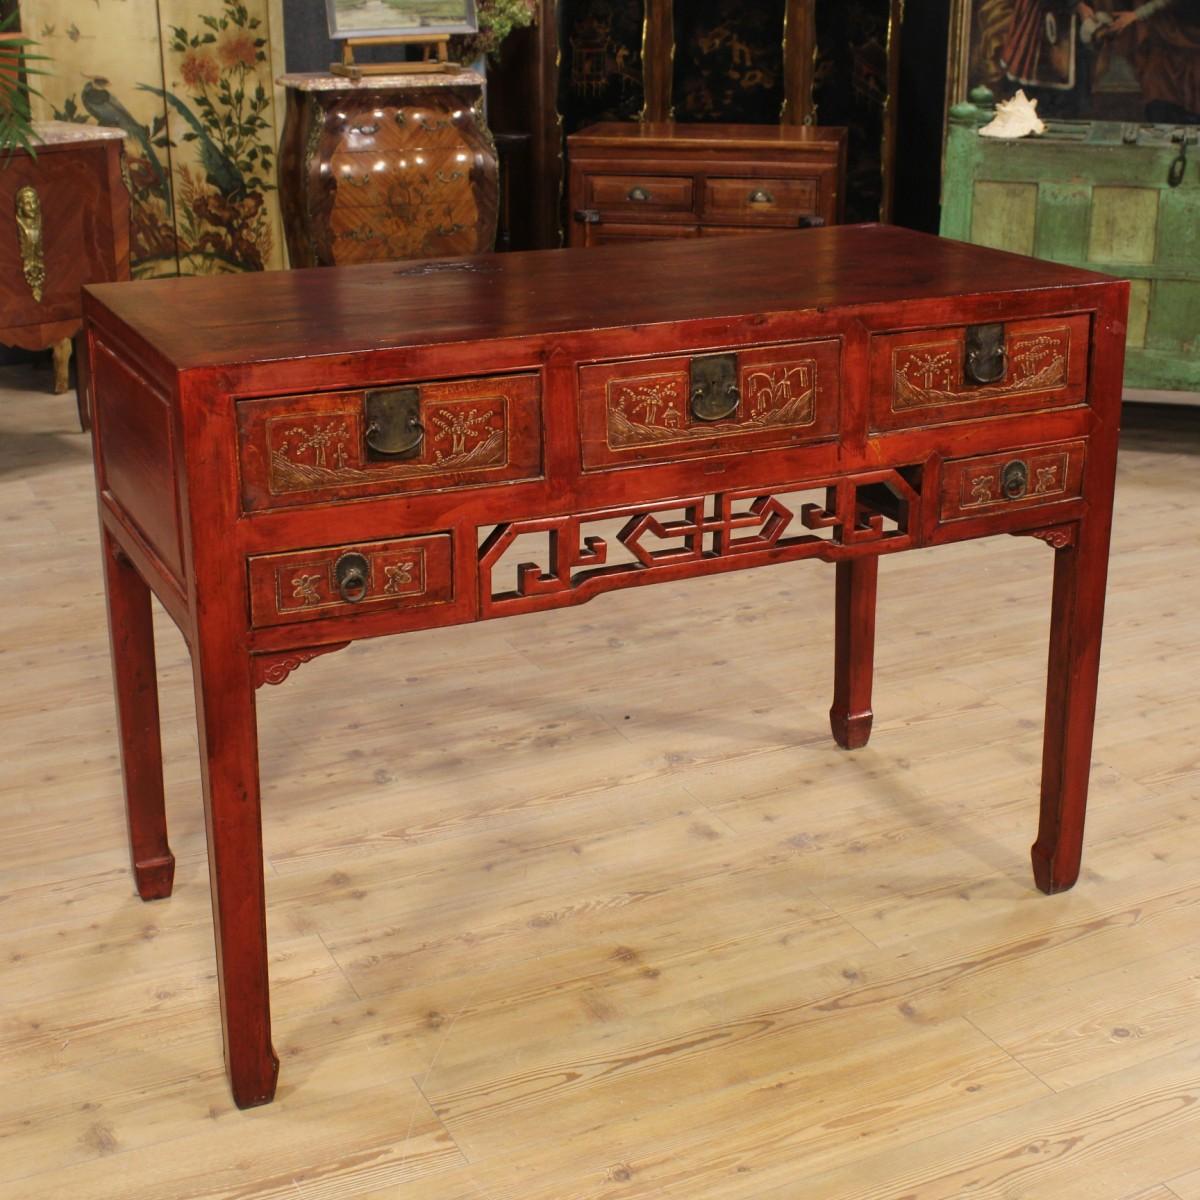 chinoise console laqu rouge bureau du xxe si cle. Black Bedroom Furniture Sets. Home Design Ideas